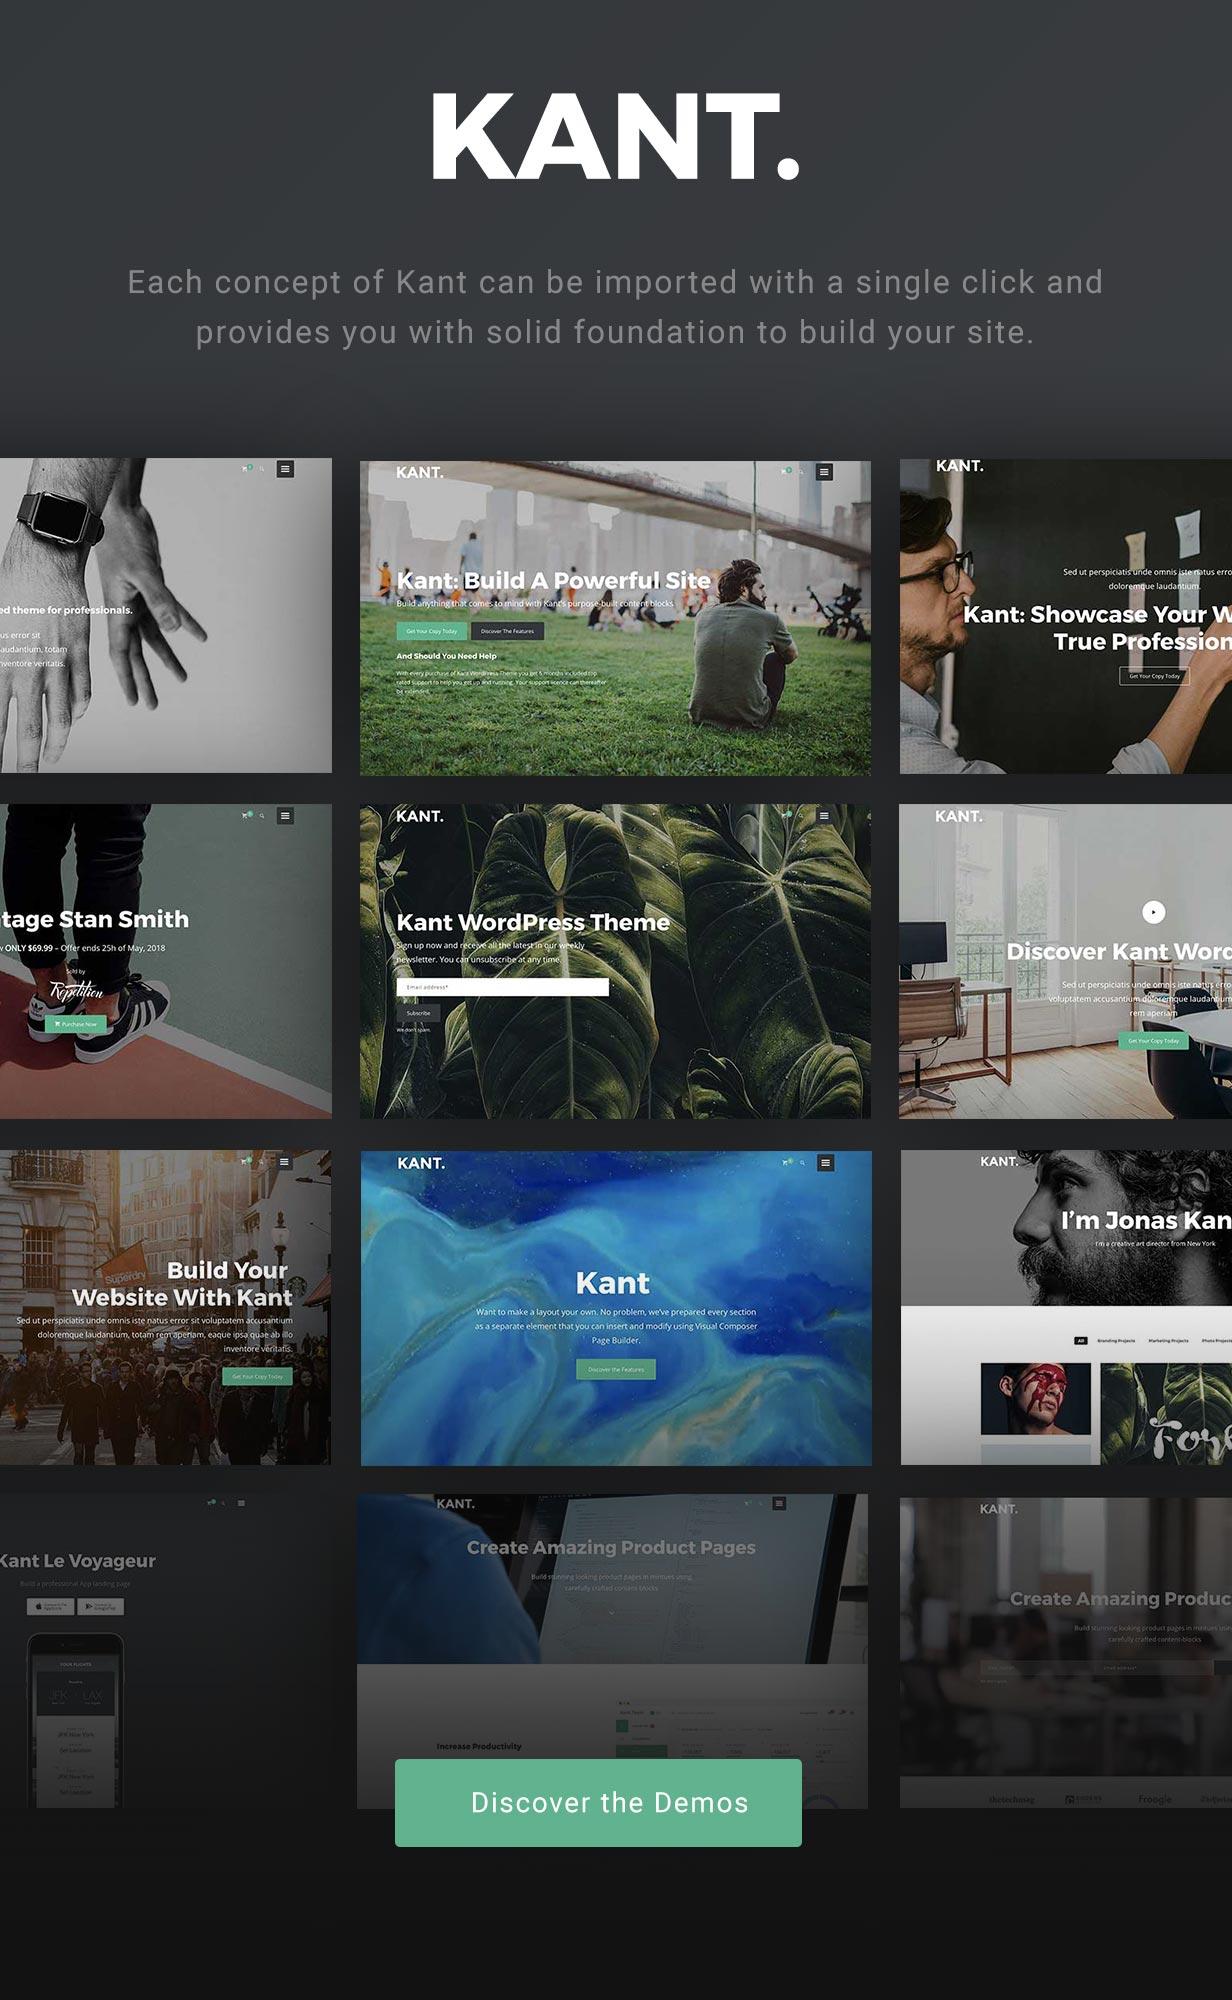 Kant - Ein Mehrzweck-WordPress-Theme für Startups, Kreative und Freiberufler - 1